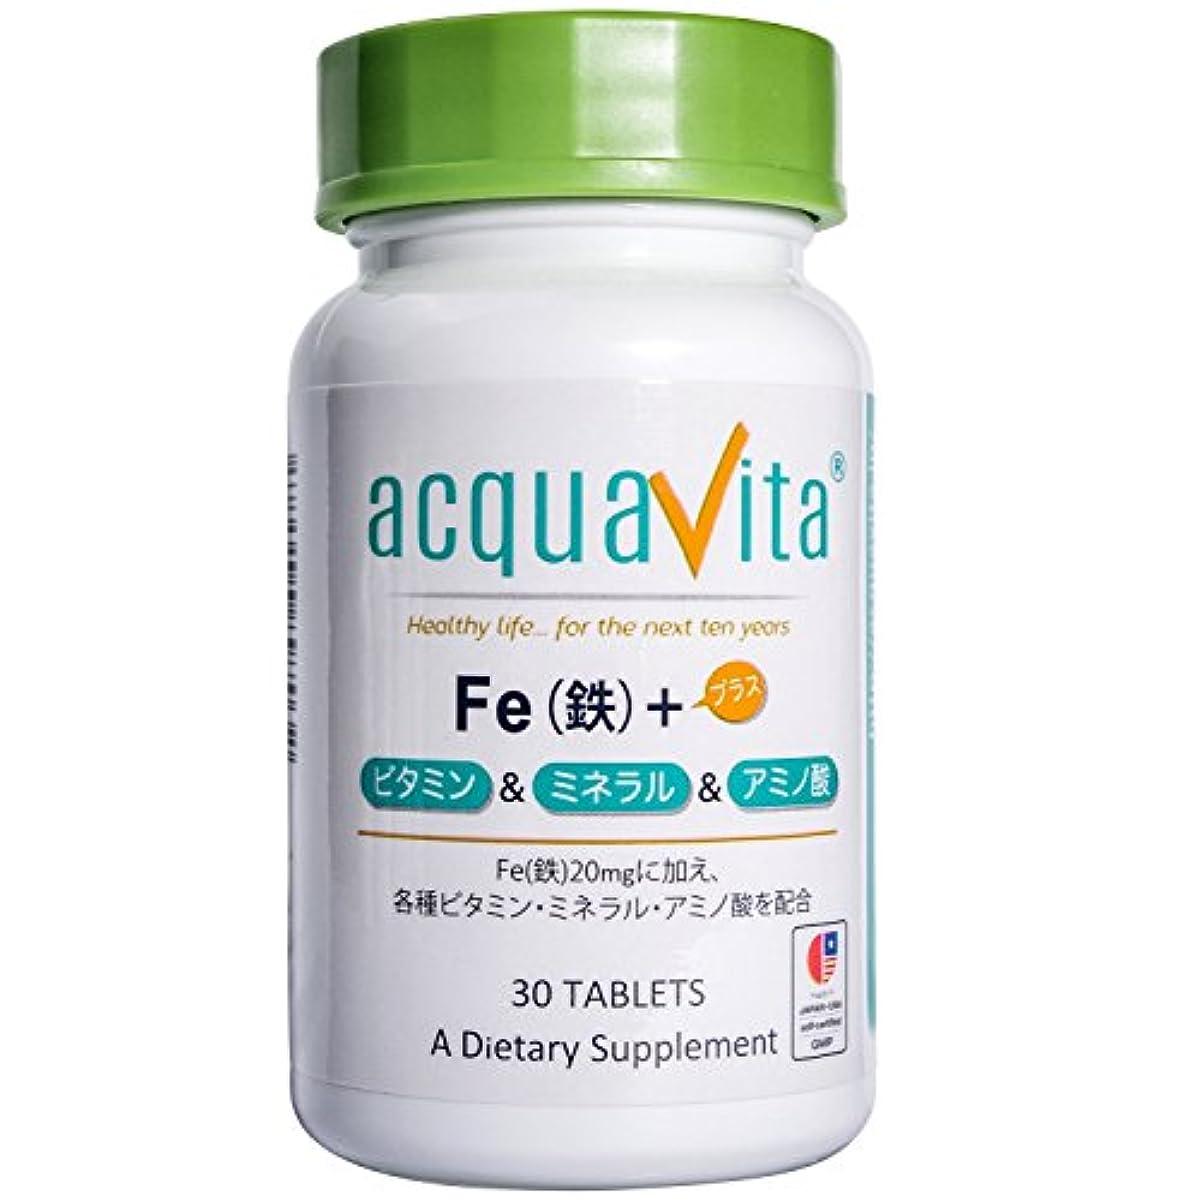 ストラトフォードオンエイボン祖先ベッドを作るacquavita(アクアヴィータ) Fe(鉄)+ビタミン?ミネラル?アミノ酸 30粒